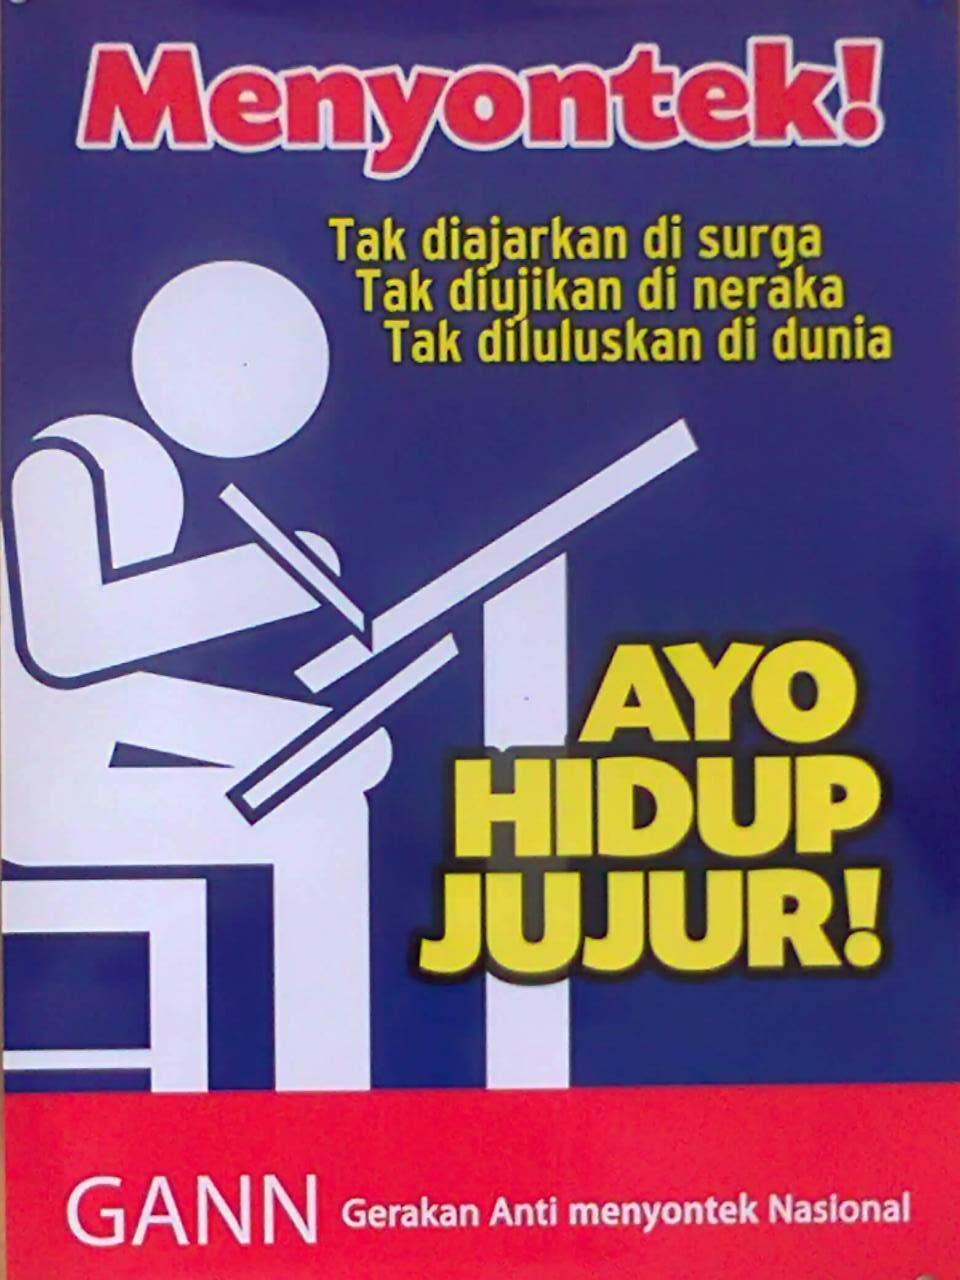 Contoh Gambar Slogan Slogan Pendidikan Kumpulan Contoh Gambar Slogan Paling Menarik Ayo Hidup Jujur By Hijihawu